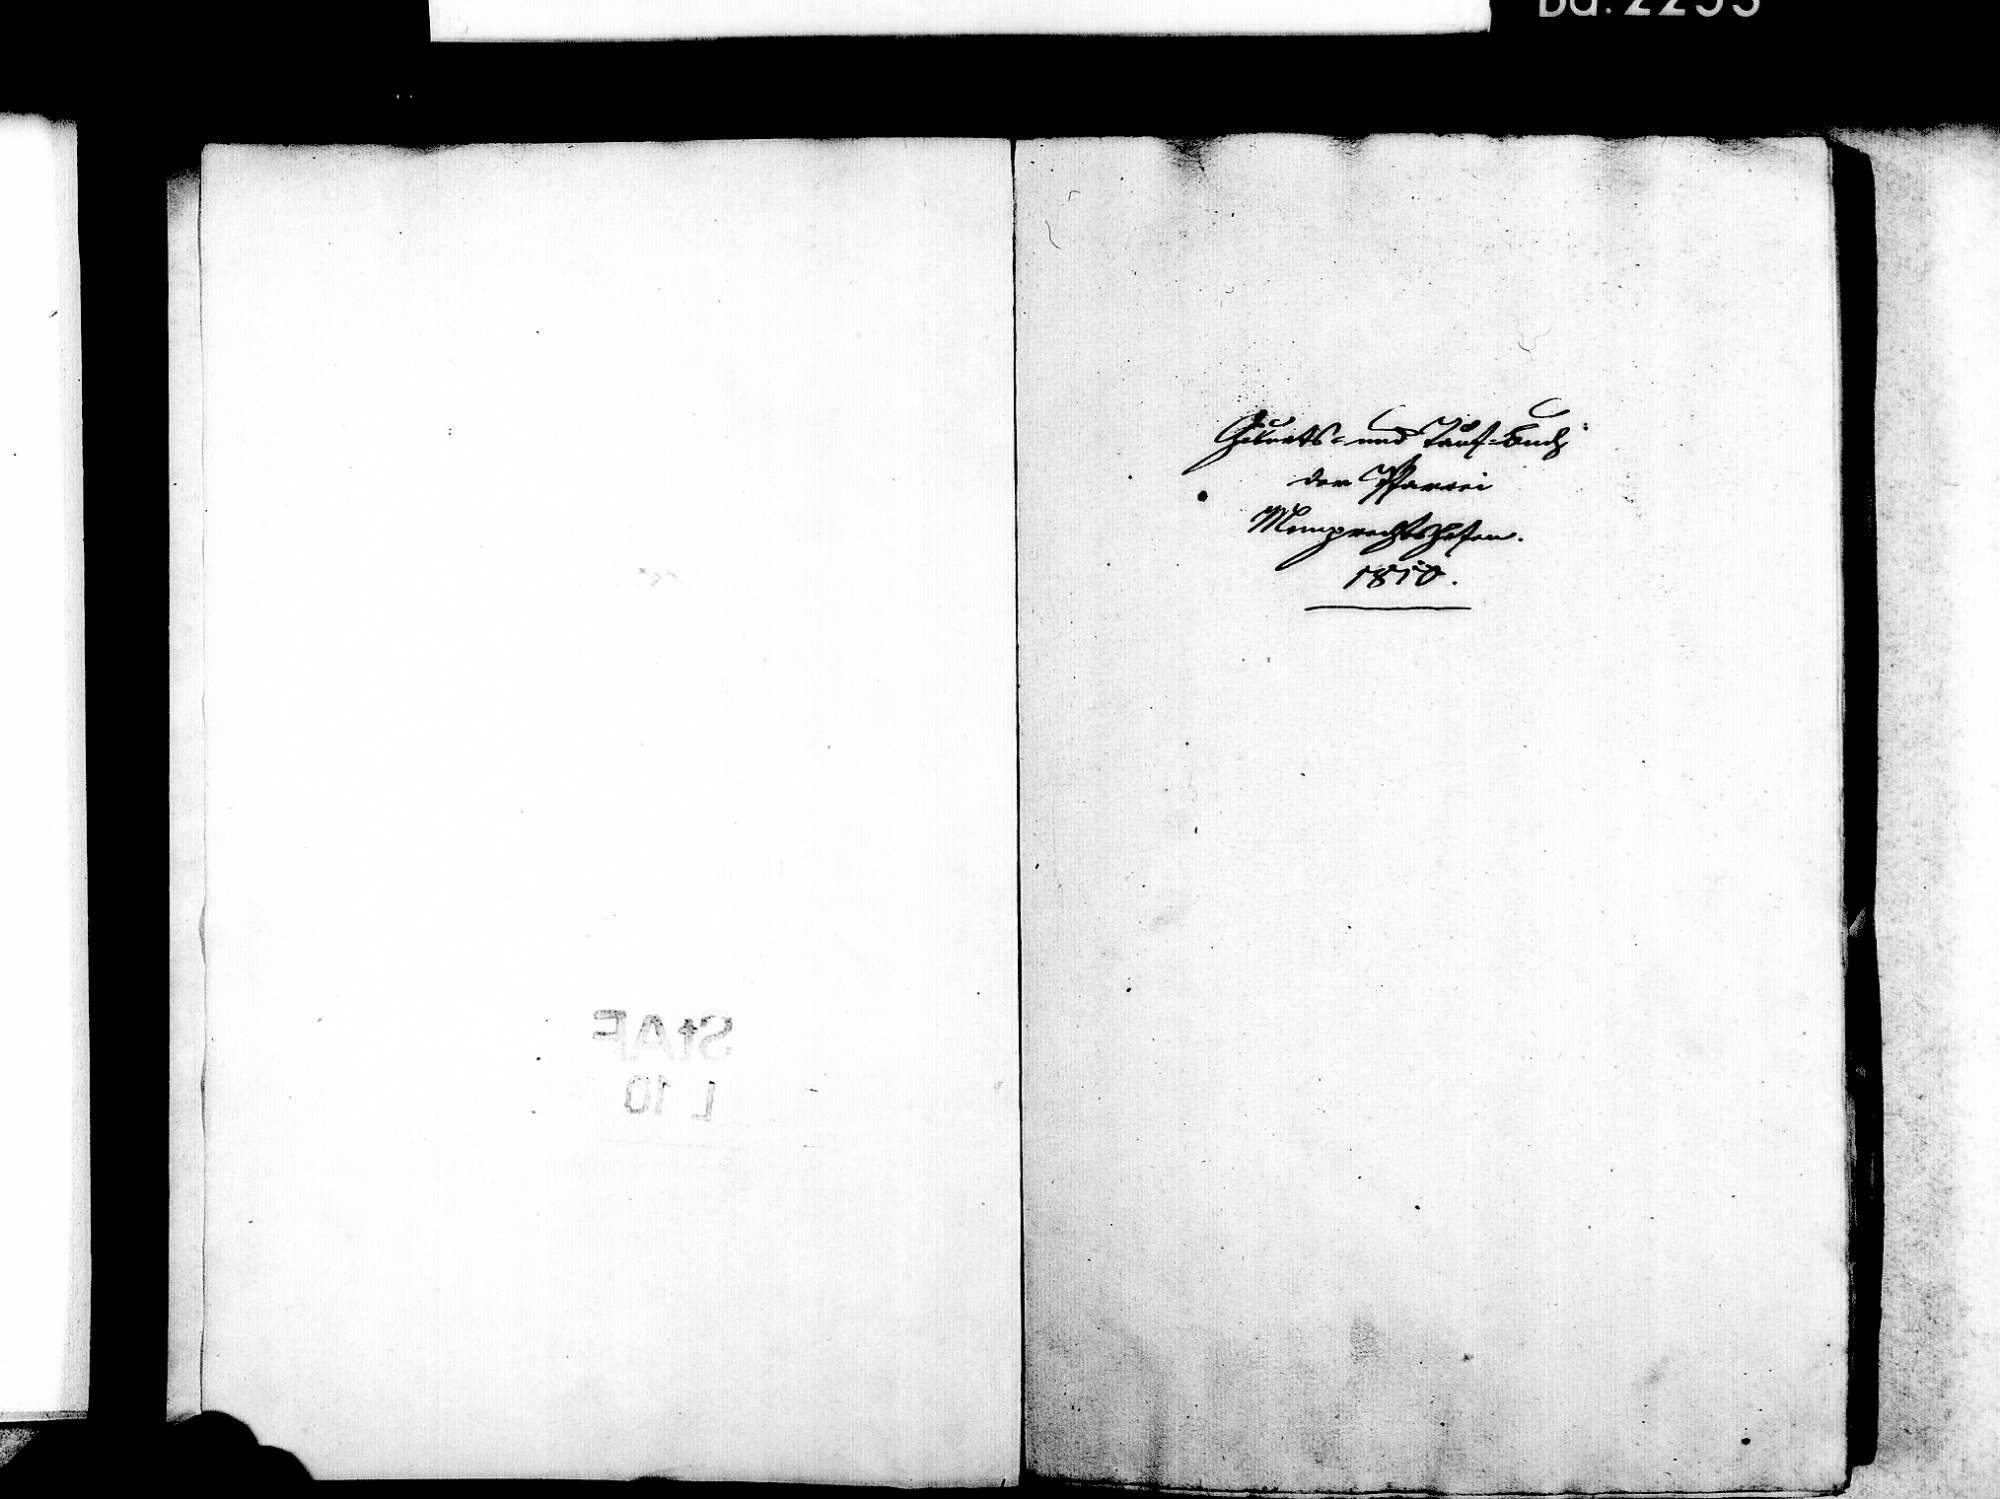 Memprechtshofen, Rheinau OG; Evangelische Gemeinde: Standesbuch 1810-1825, Bild 3